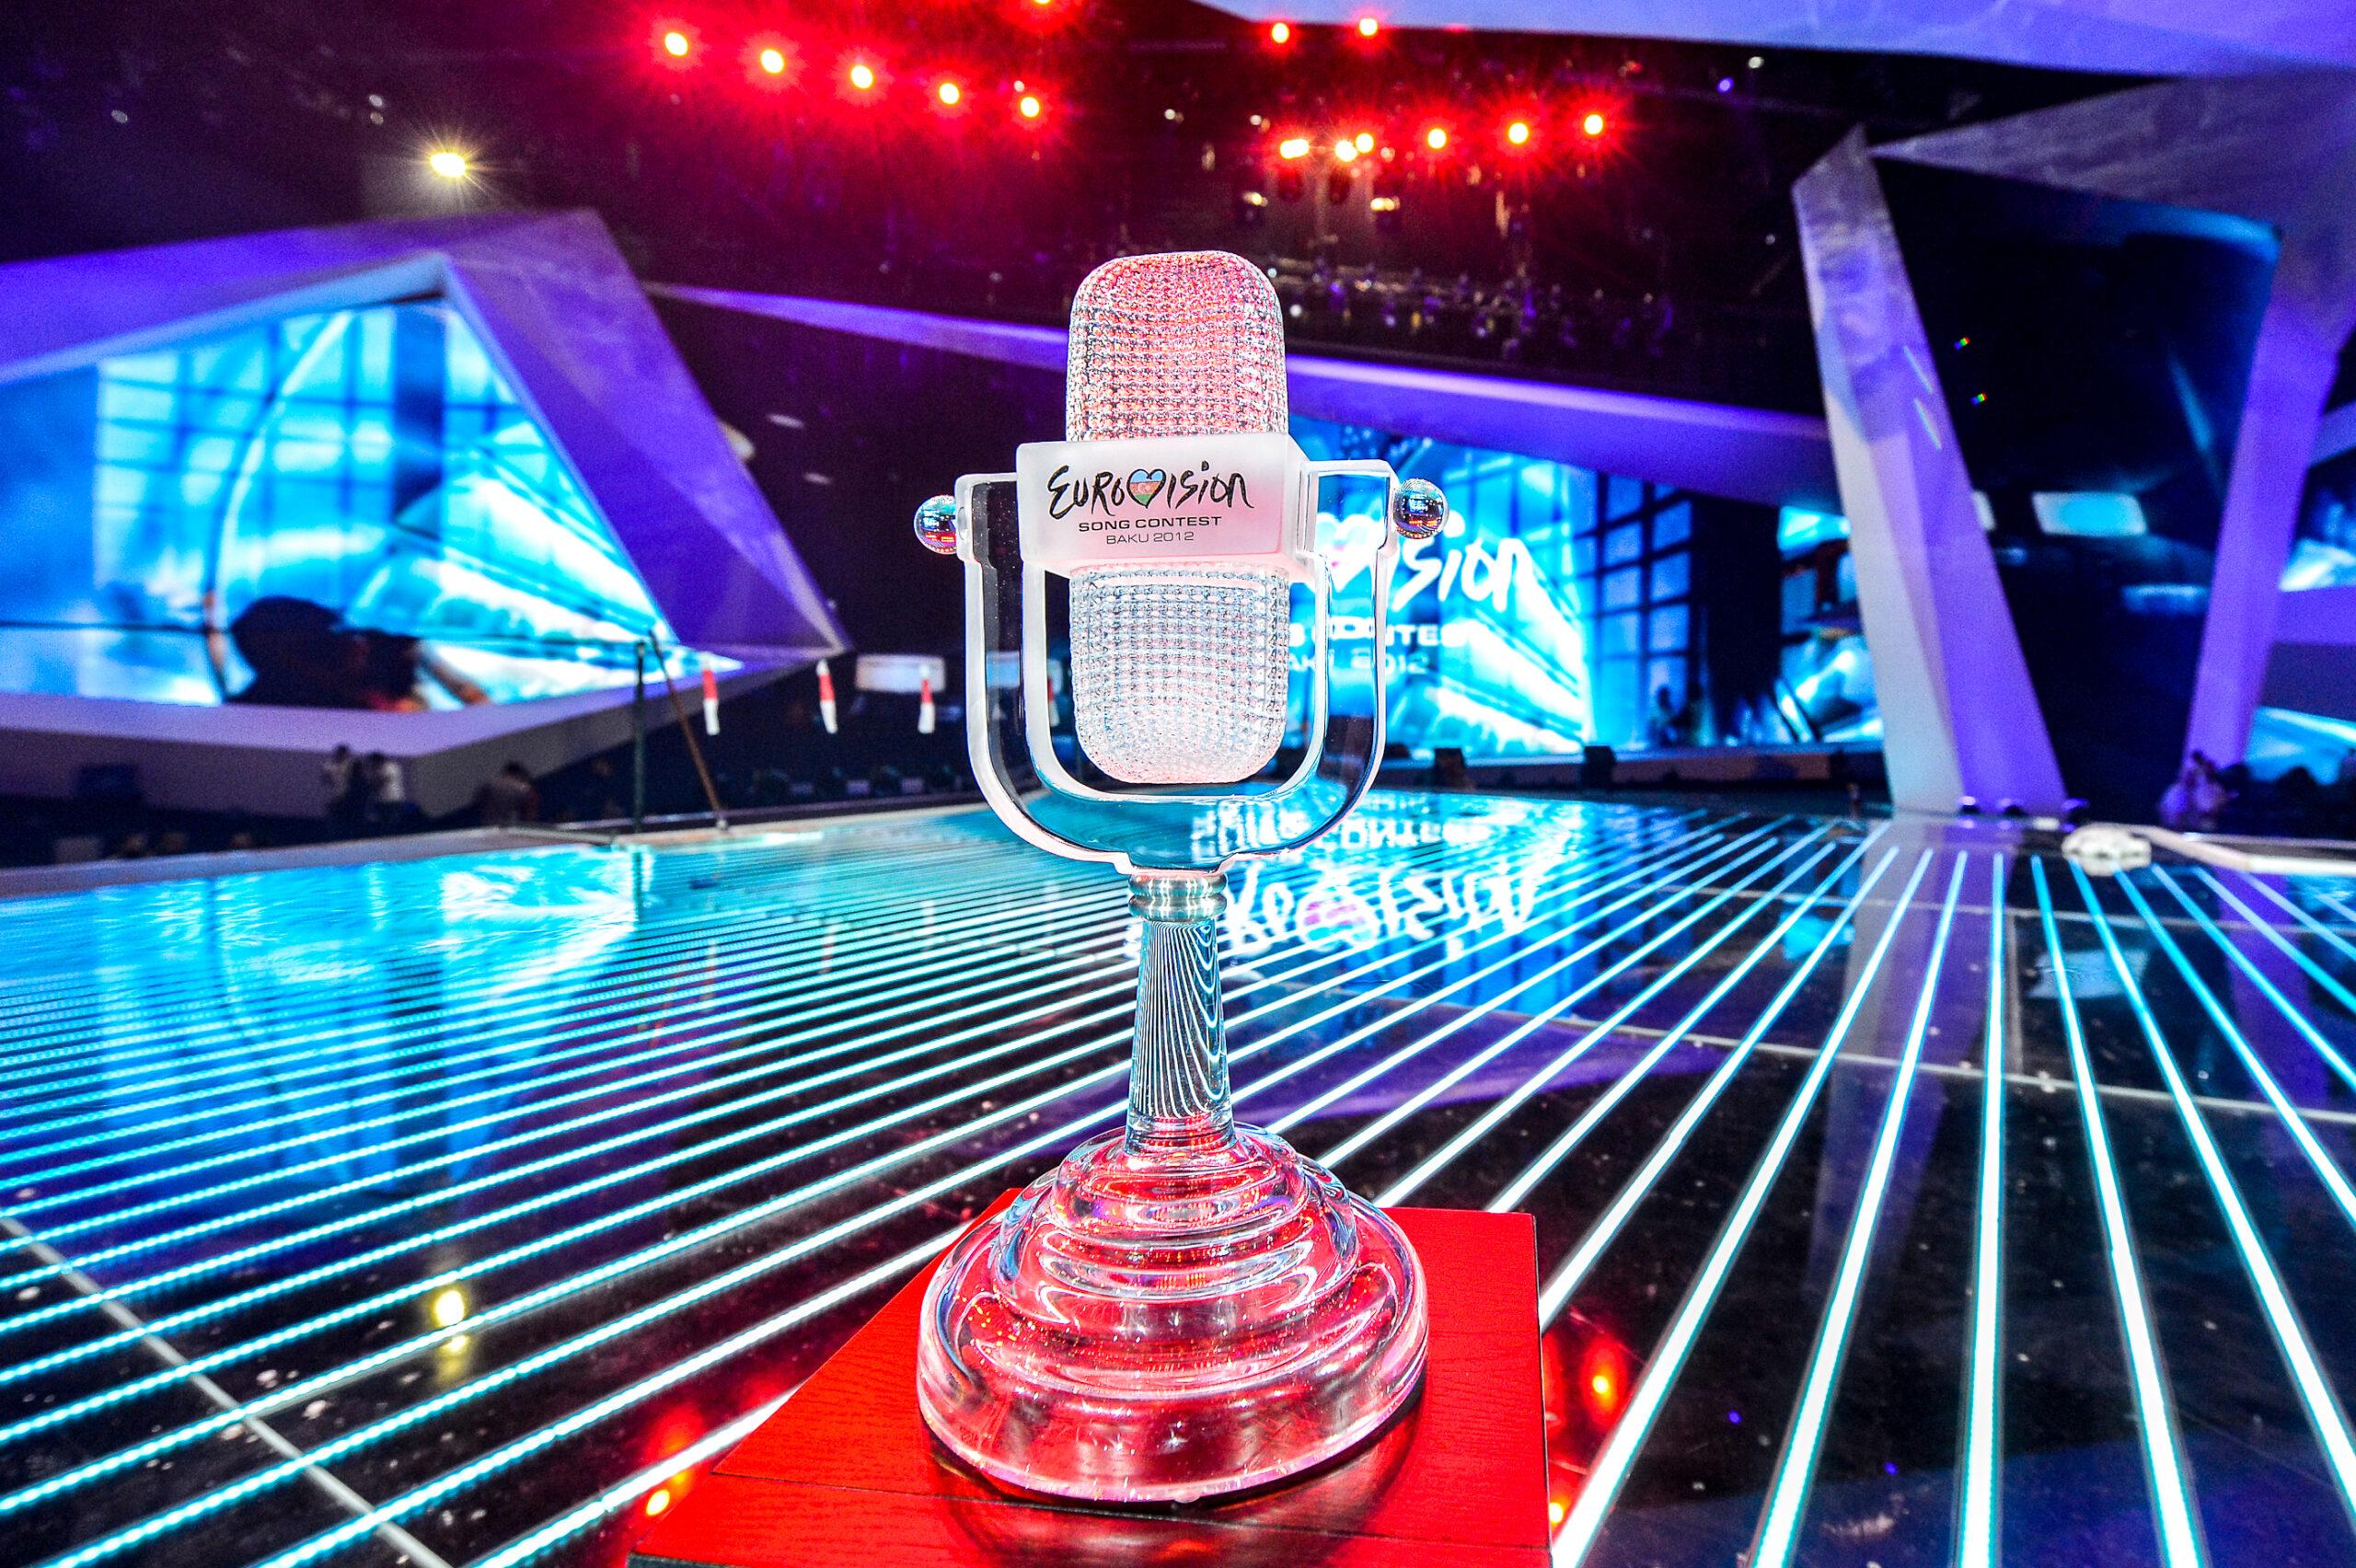 Украинцы хотят чтобы на «Евровидении» изменили правила: им «мешает» Россия